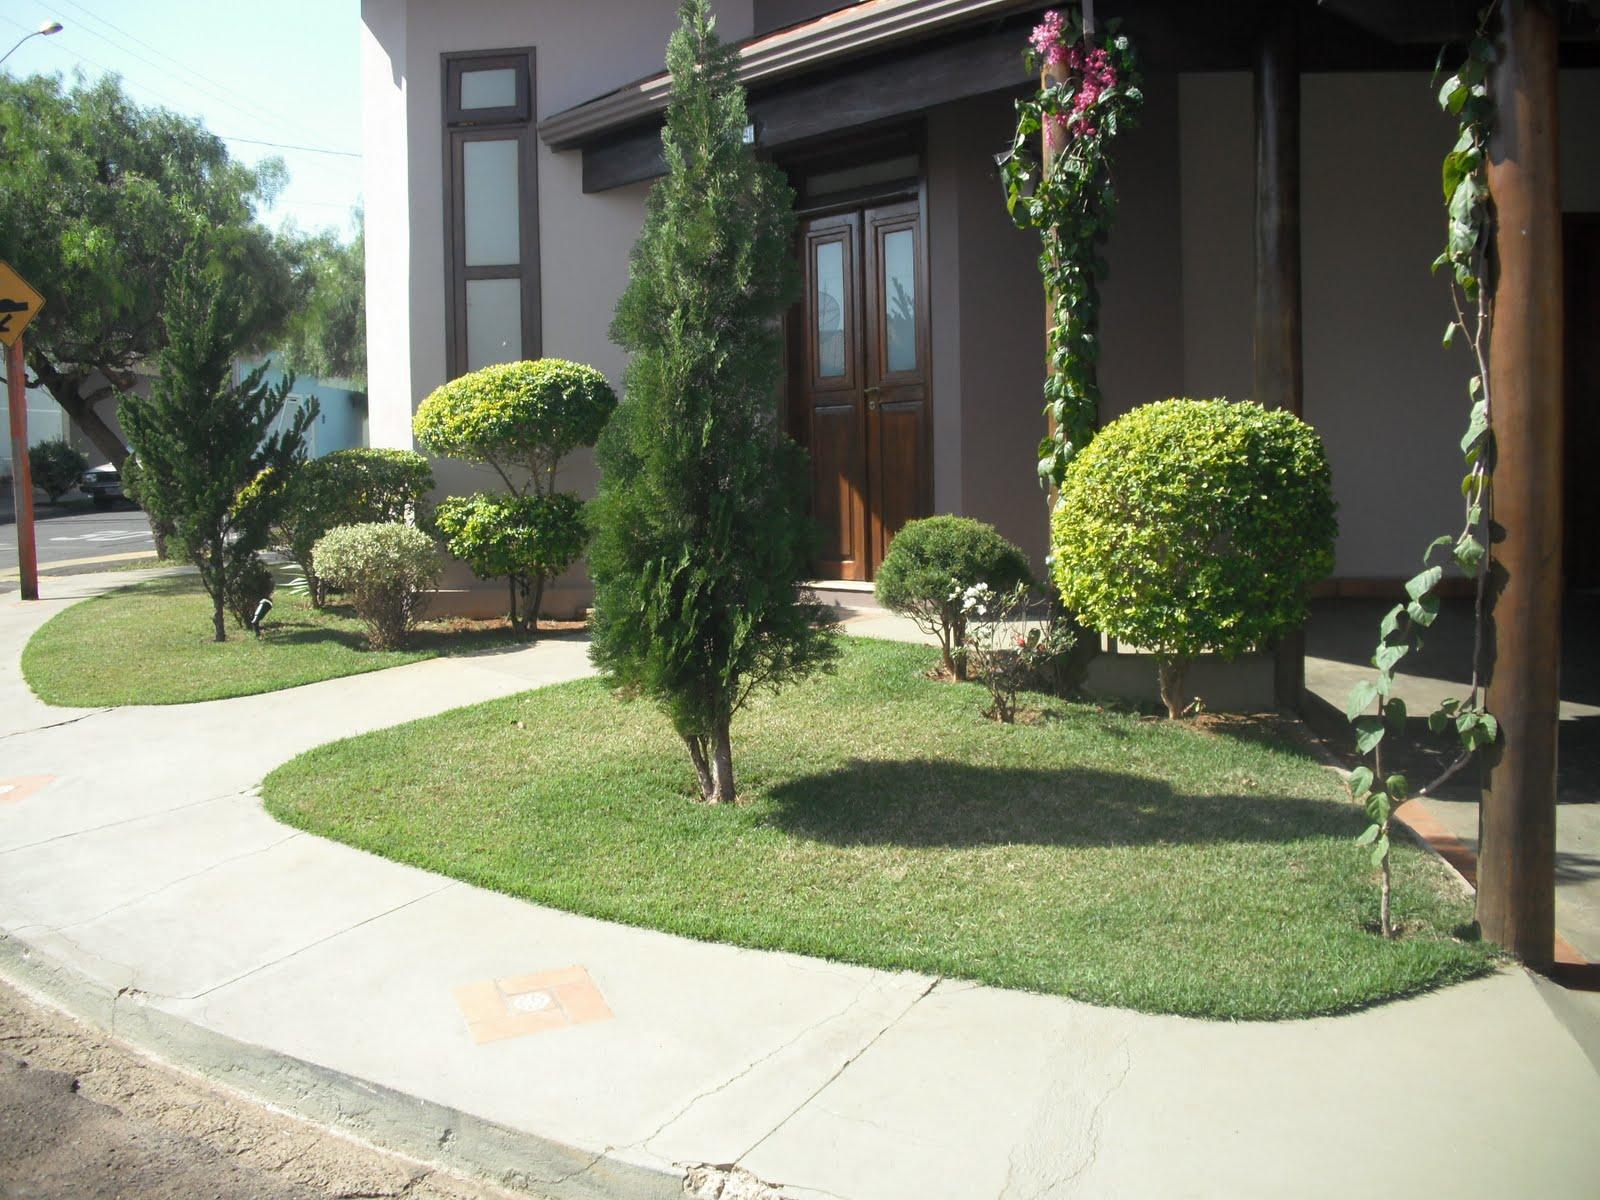 Modelos de jardins residenciais para frente de casa decorando casas - Imagenes de jardines de casa pequenos ...